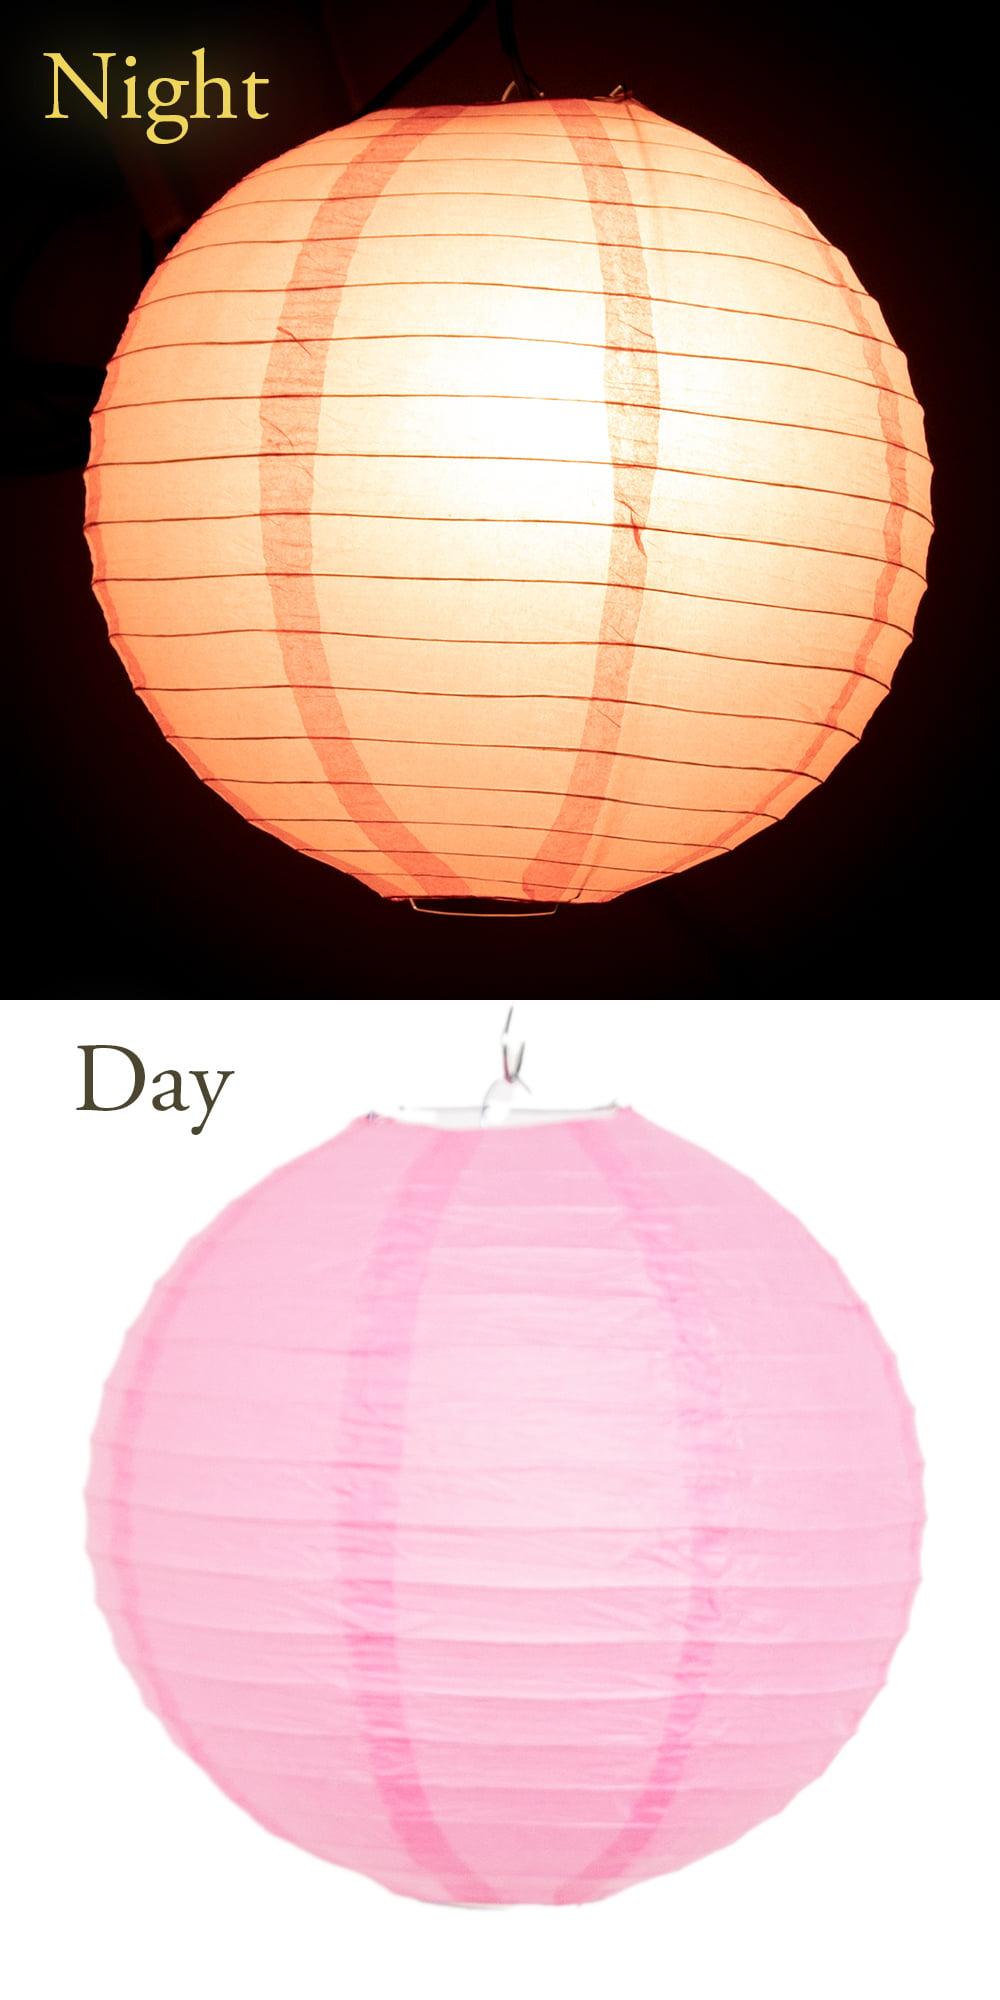 【8色展開】ベトナムのカラフル提灯・ランタン - 丸型 直径30cm 14 - 本体を球状に展開して、上面(丸い取っ手が2つついている方)から支柱を差し込み、支柱の出っ張りを取っ手に差し込みます。